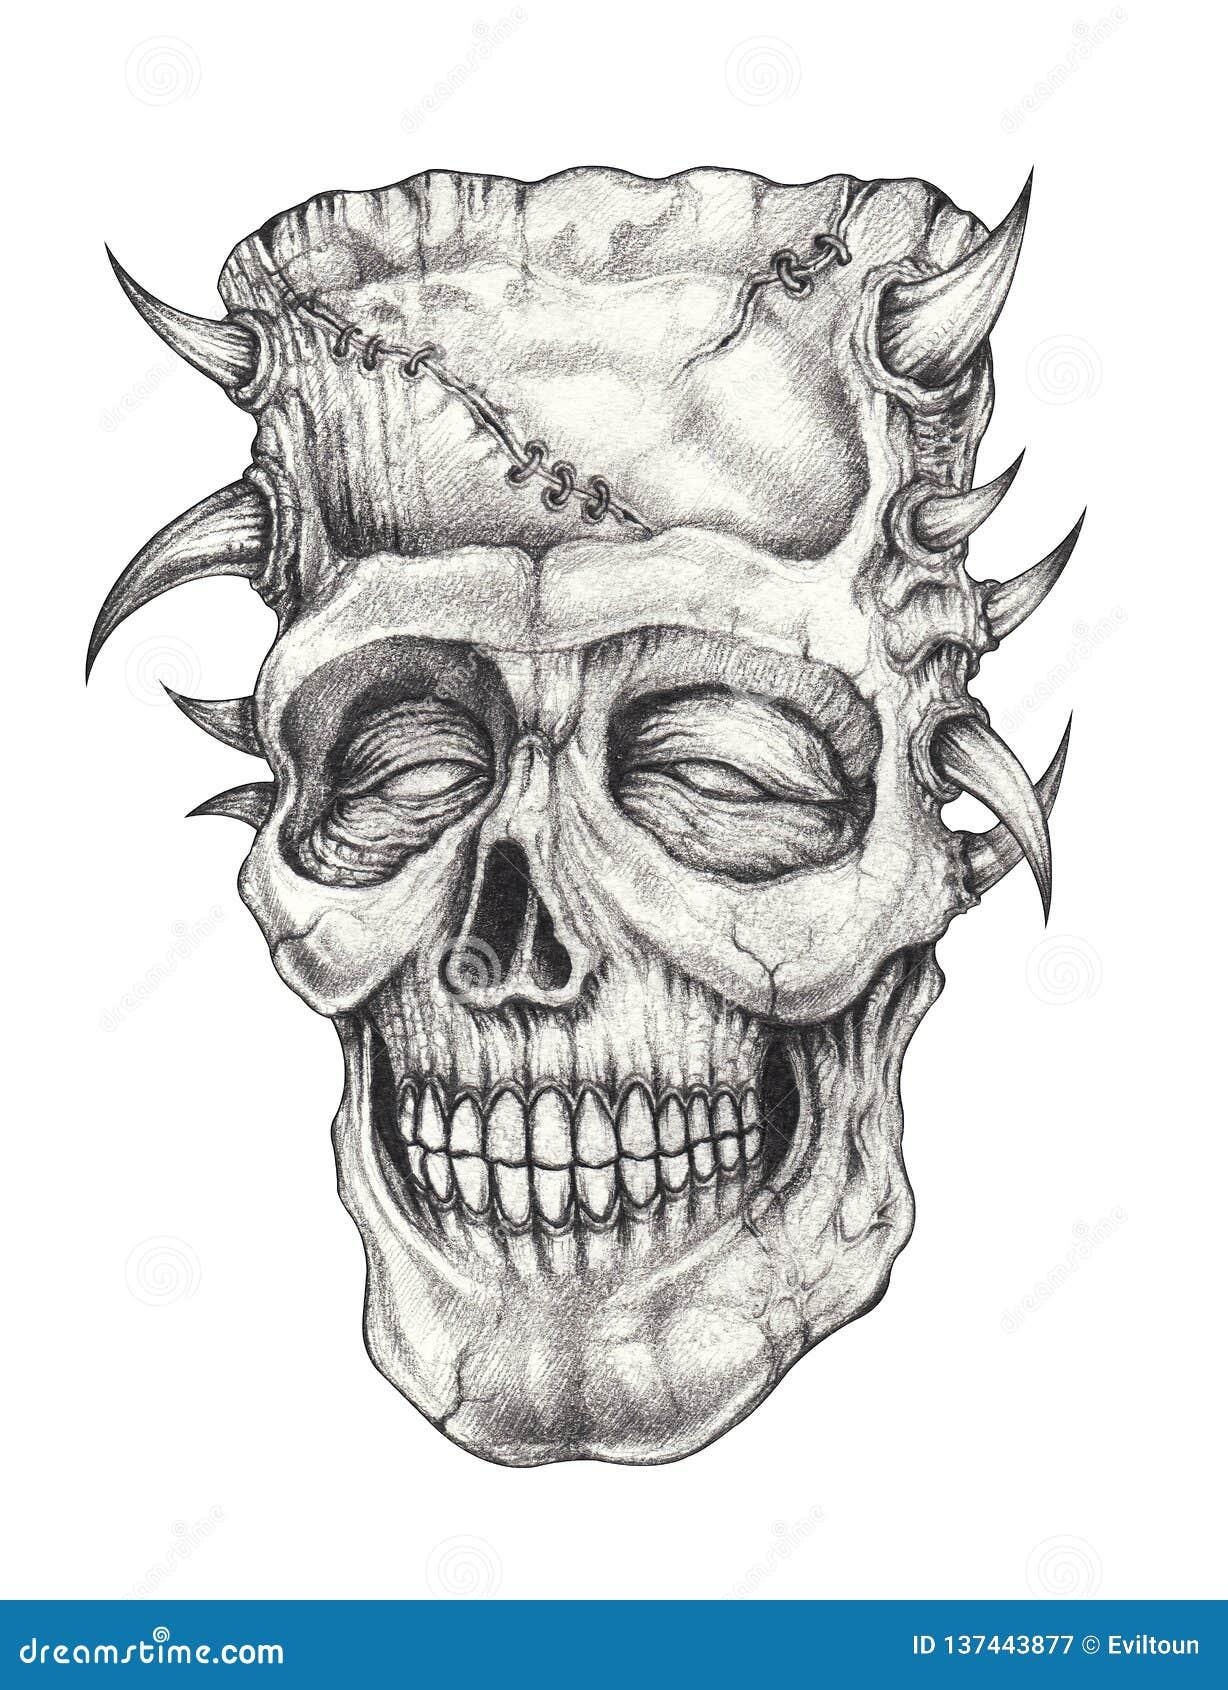 Tatoegering van de kunst surreal schedel